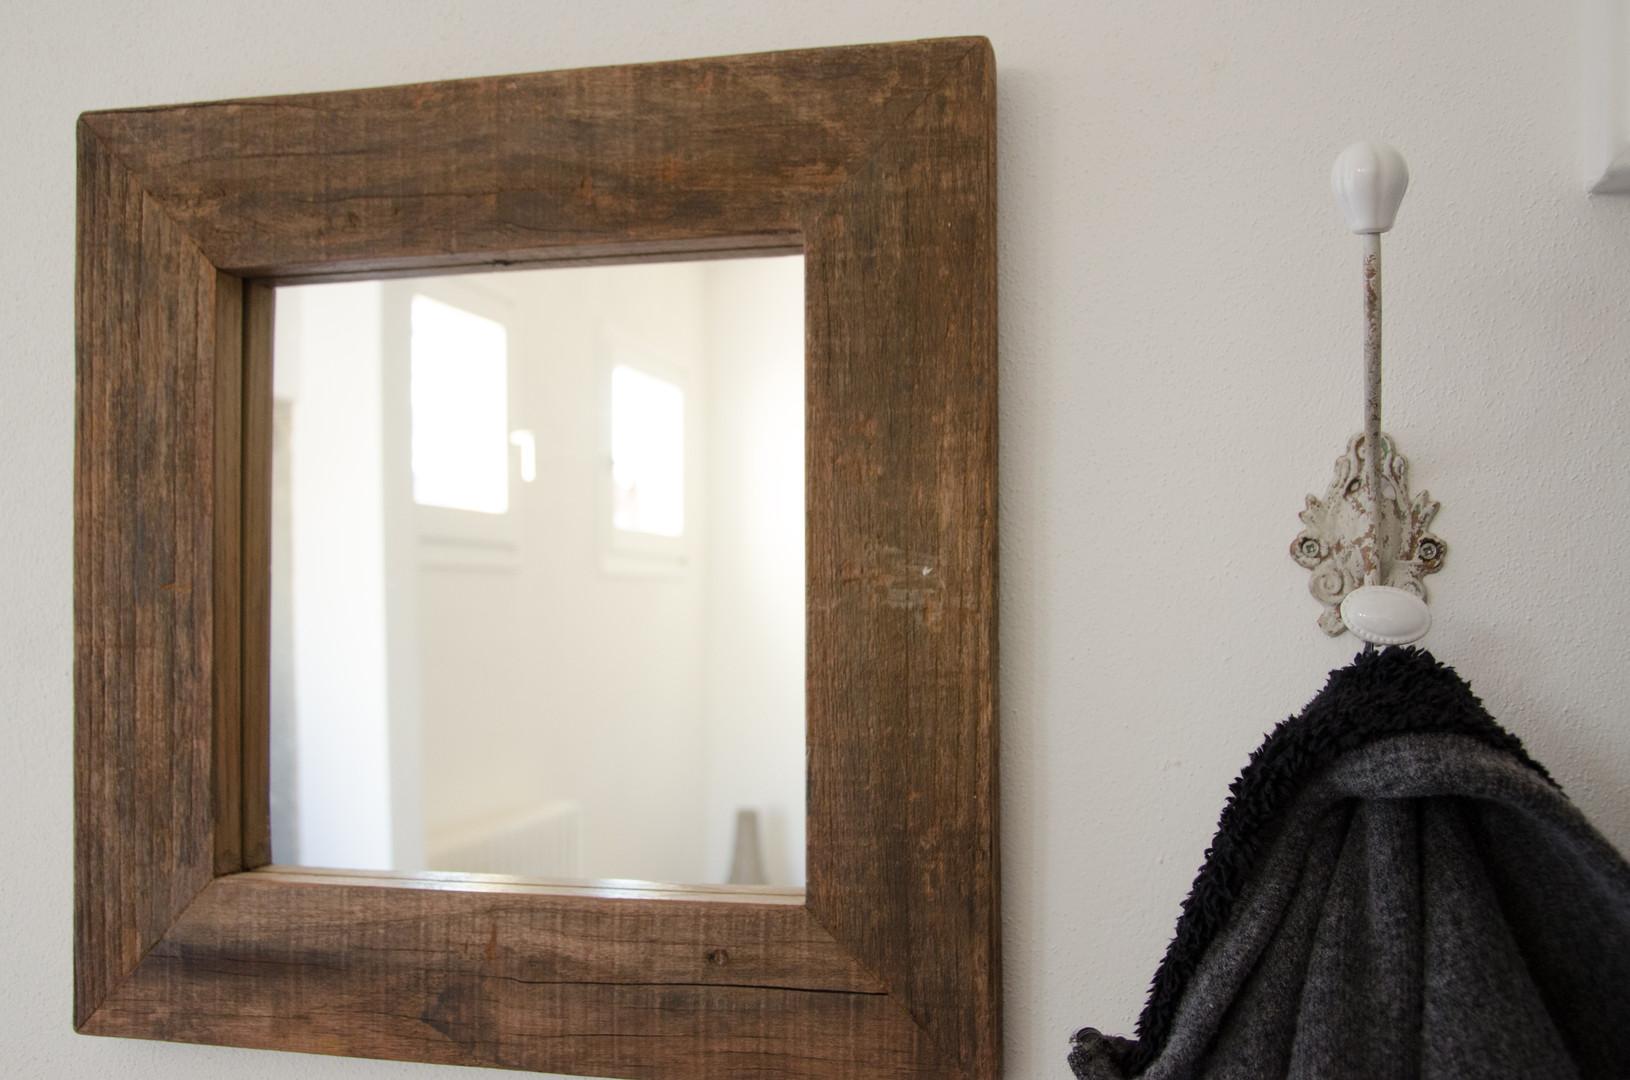 07 mirror Susanne Paetsch